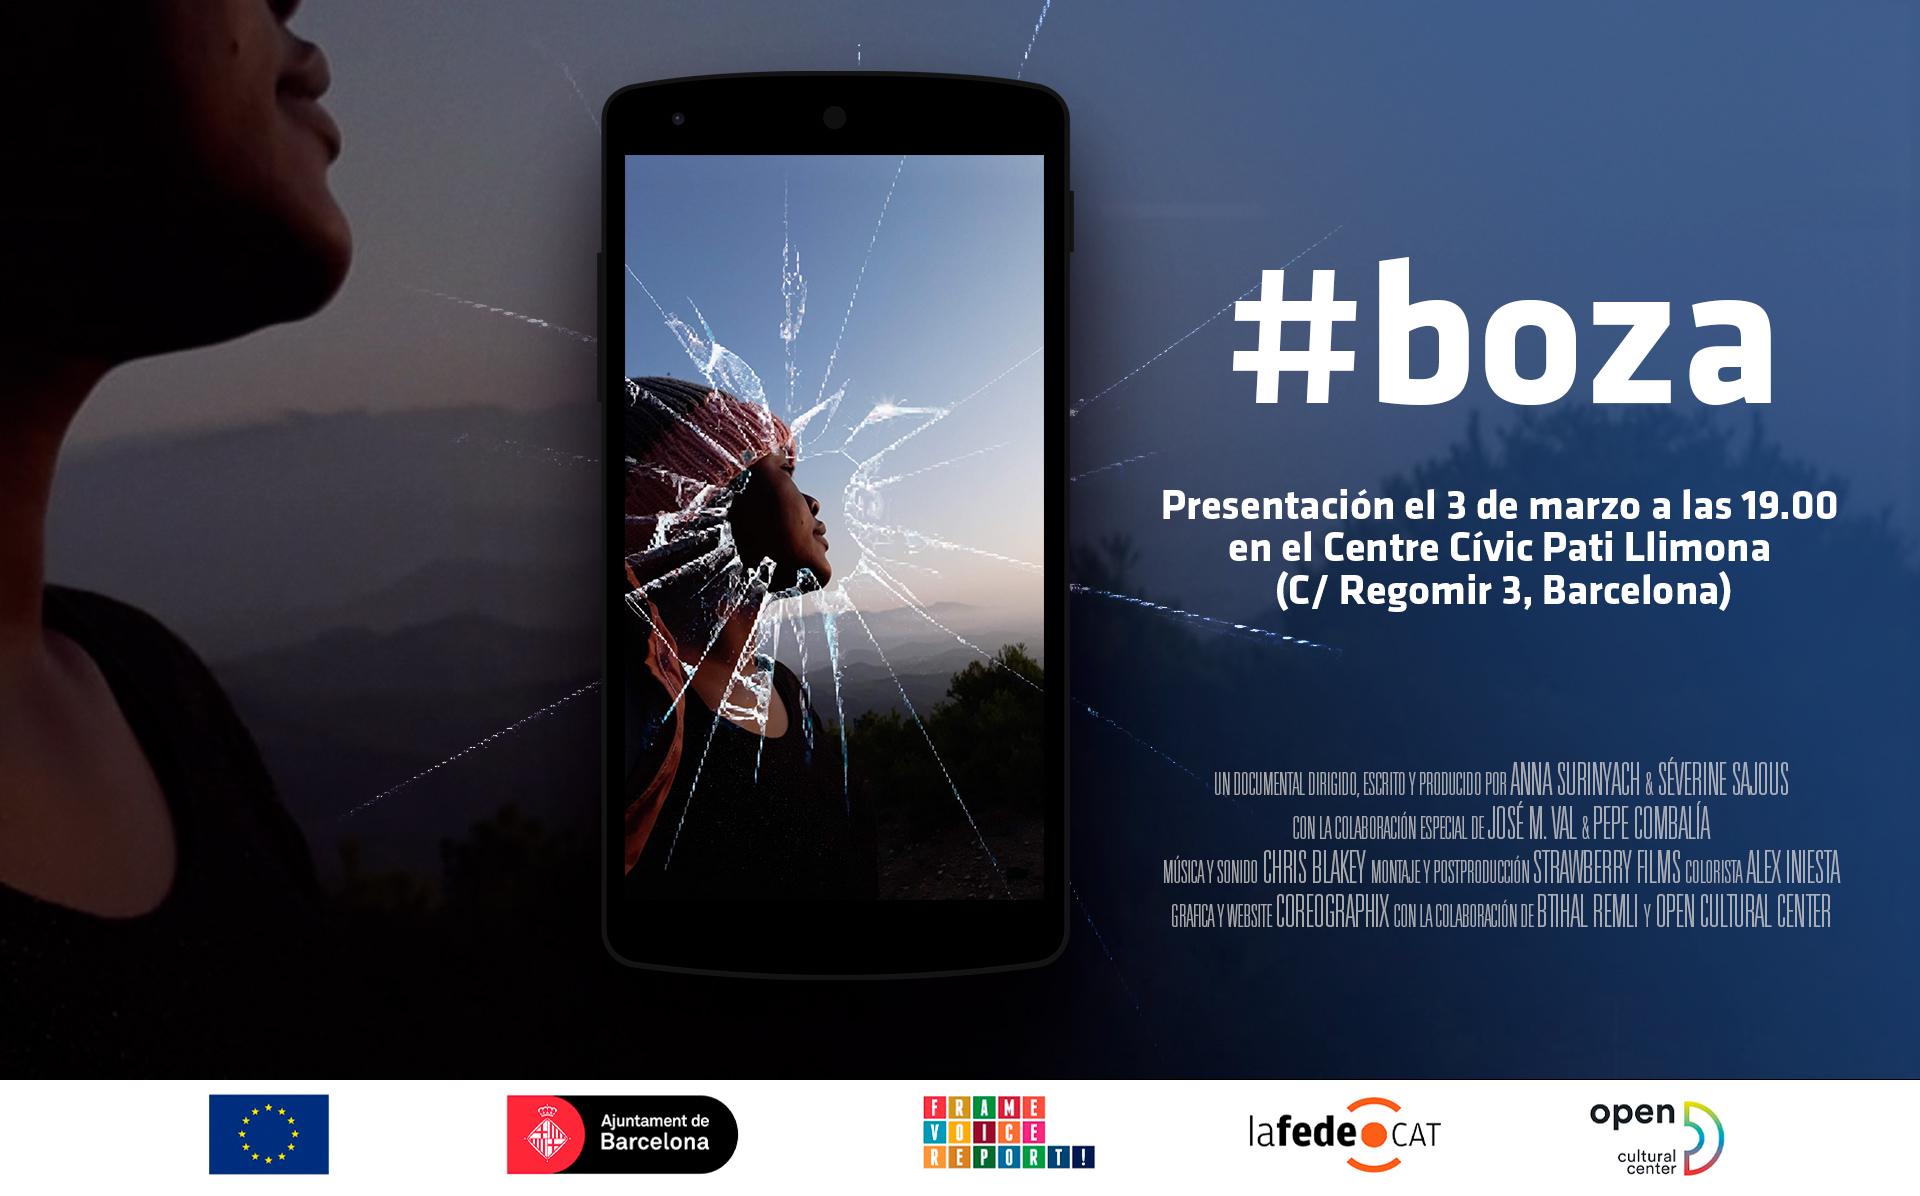 #boza: selfie de les migracions